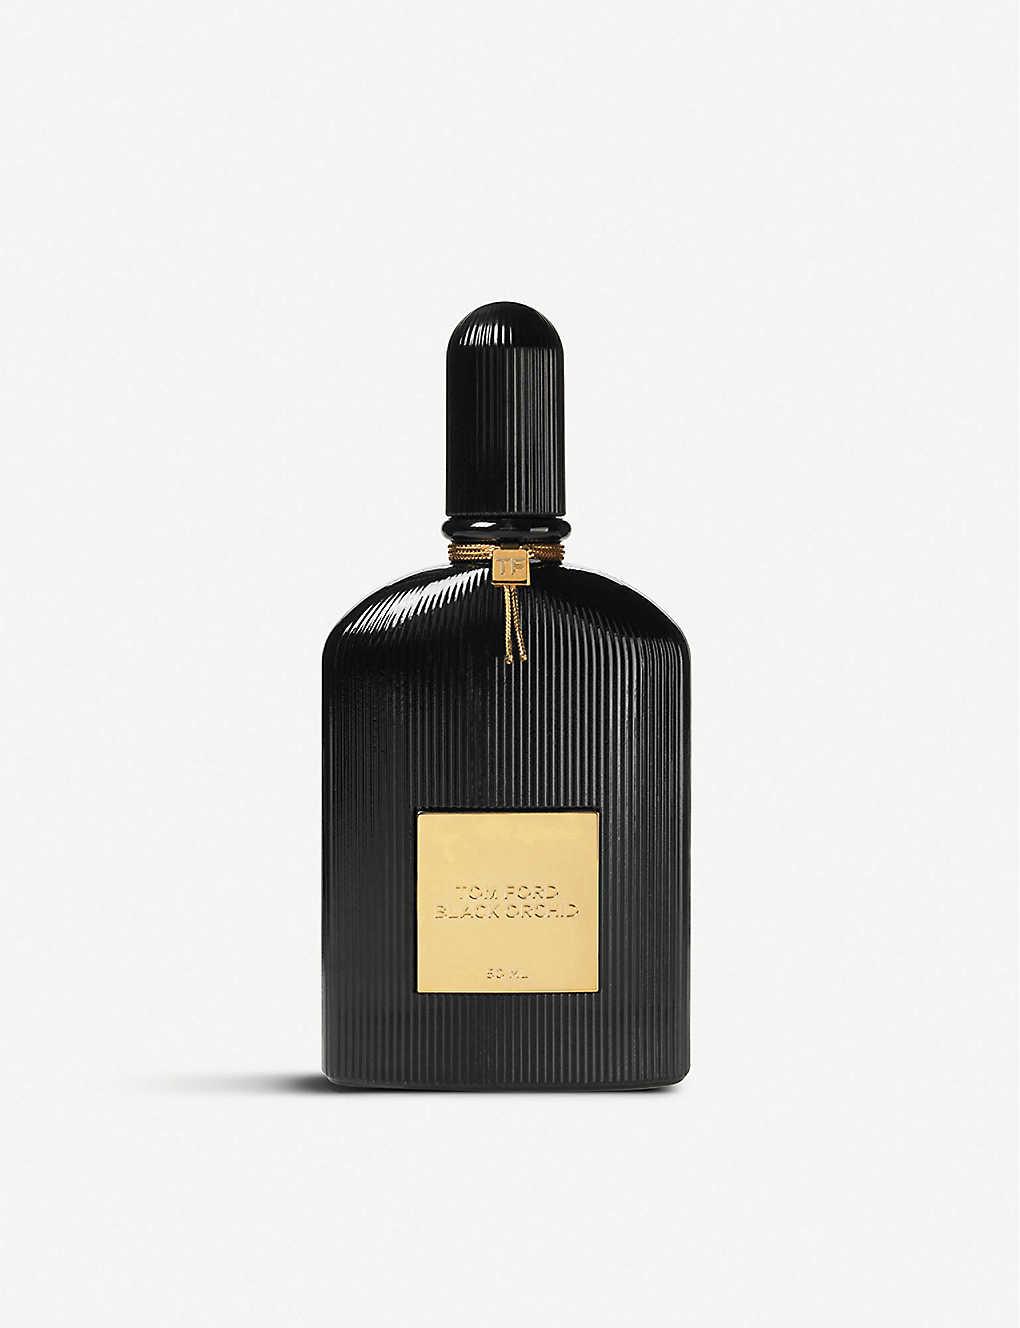 Tom Ford Black Orchid Eau De Parfum - Selfridges.